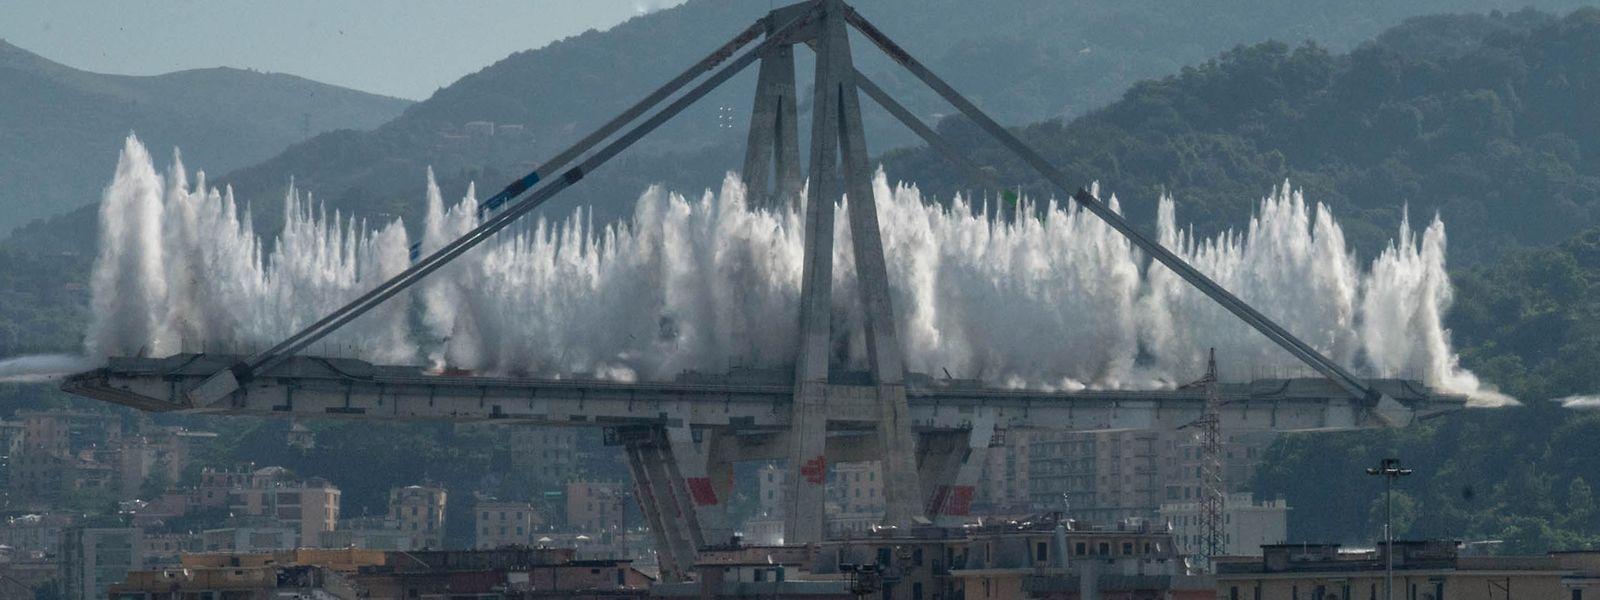 Die restlichen Pfeiler der Morandi-Brücke wurden am 28. Juni 2019 in einer geplanten Explosion gesprengt.